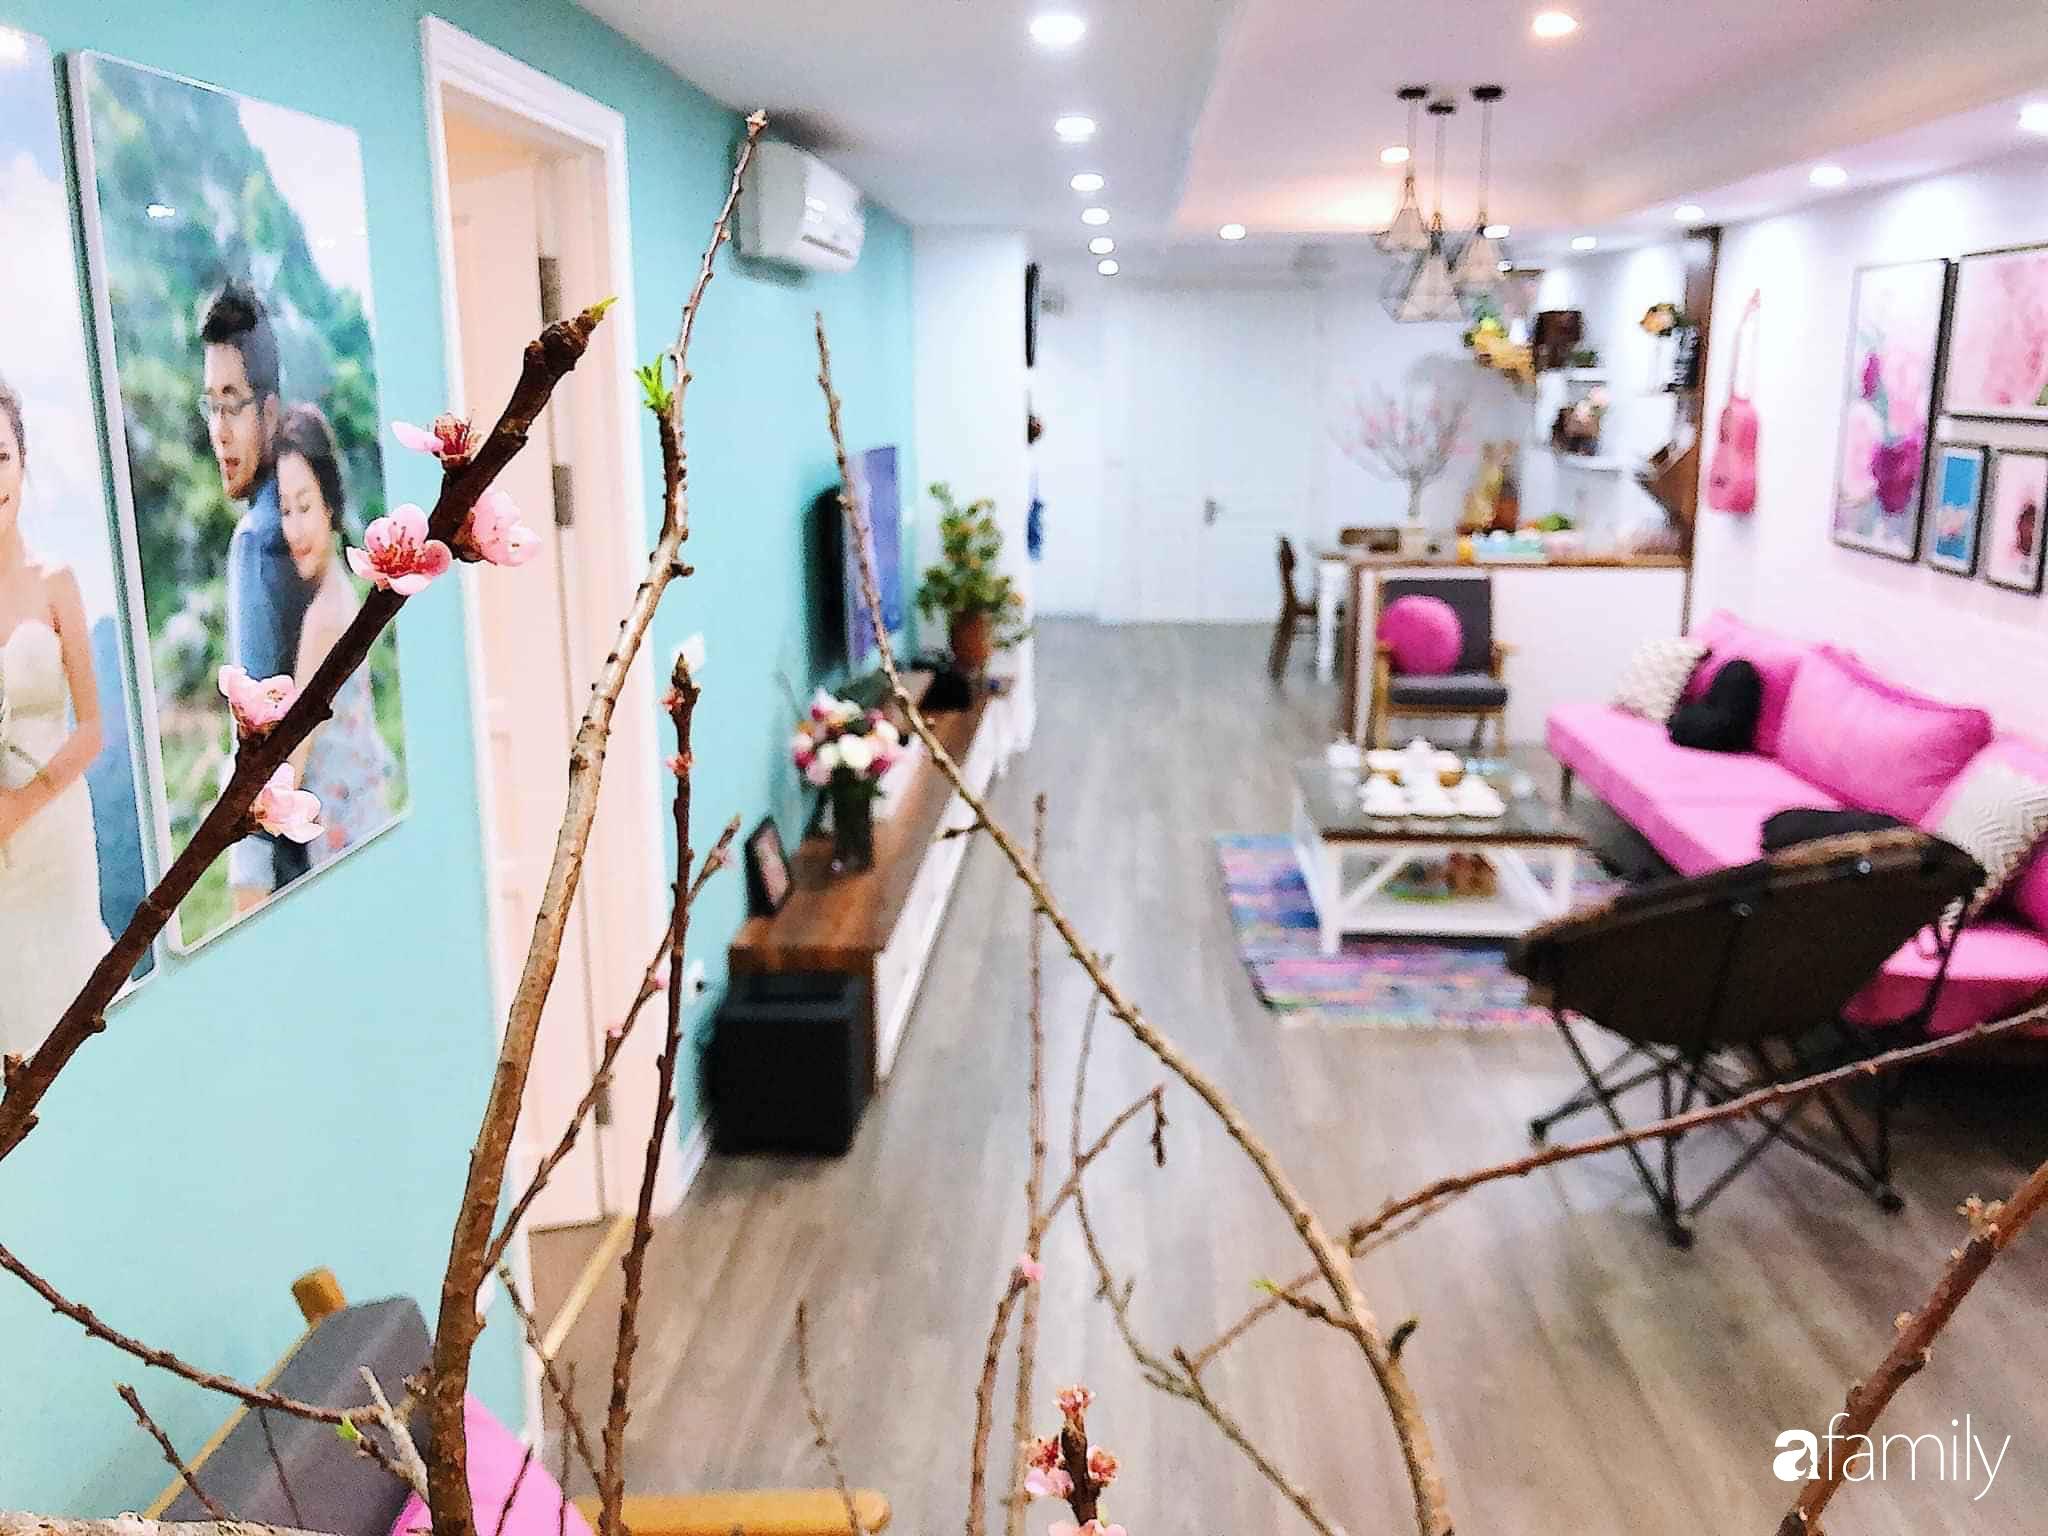 Căn hộ 145m² được décor ấn tượng với điểm nhấn màu xanh ngọc cùng tranh treo tường từ người phụ nữ yêu gia đình ở Hà Nội - Ảnh 1.